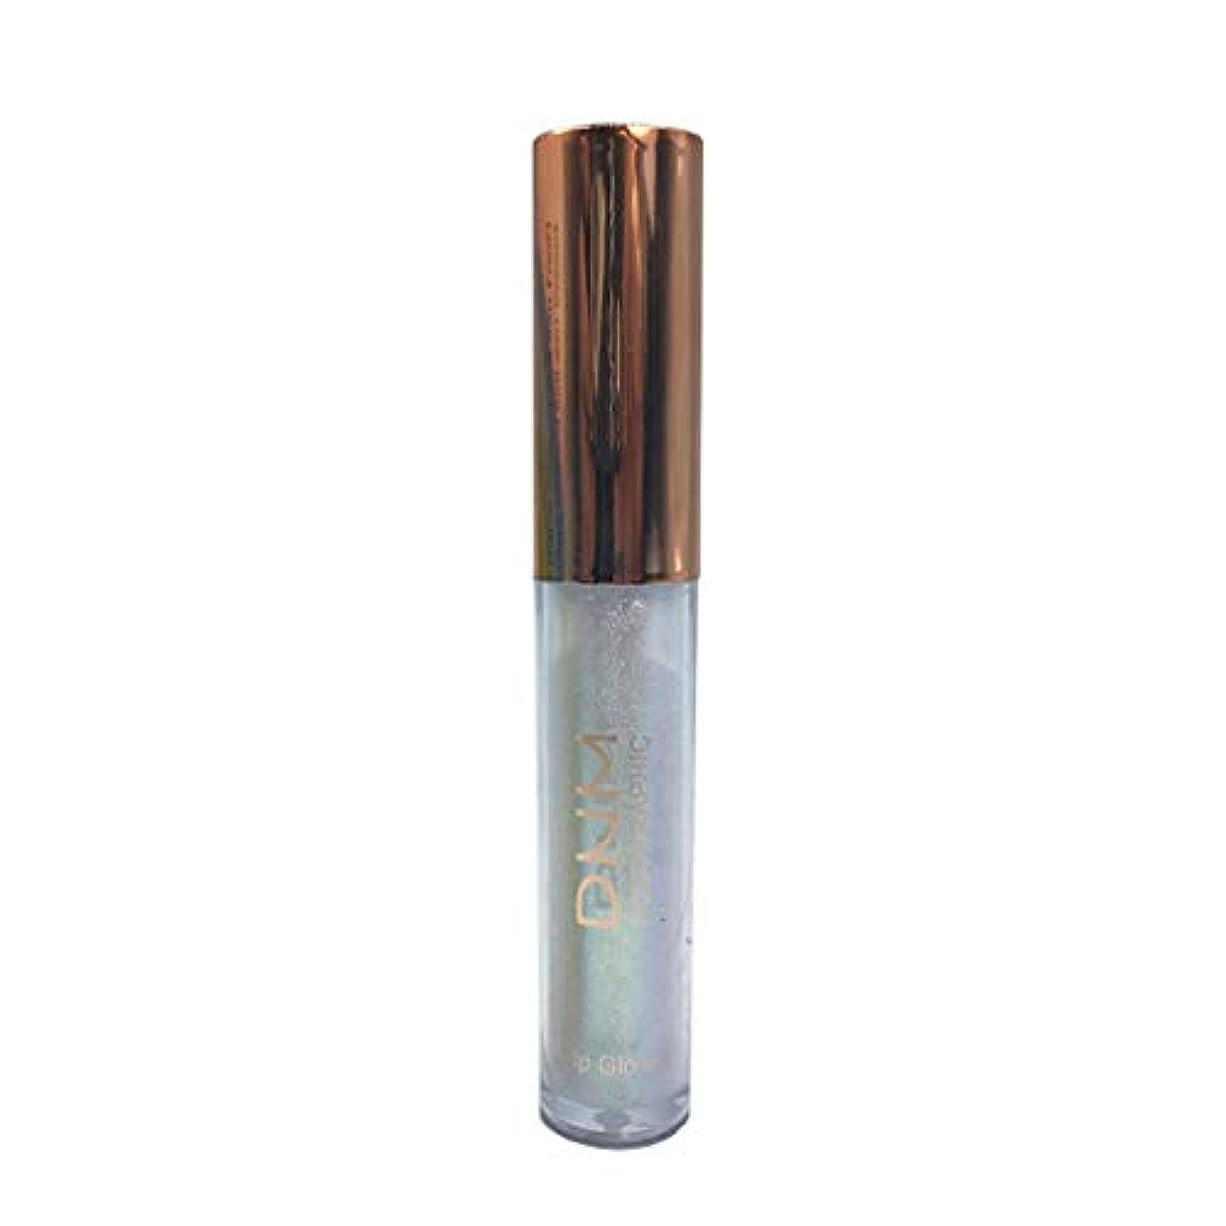 ジョグ起きろうん防水長続きがする液体は軽い口紅の構造の唇の光沢の唇を分極します